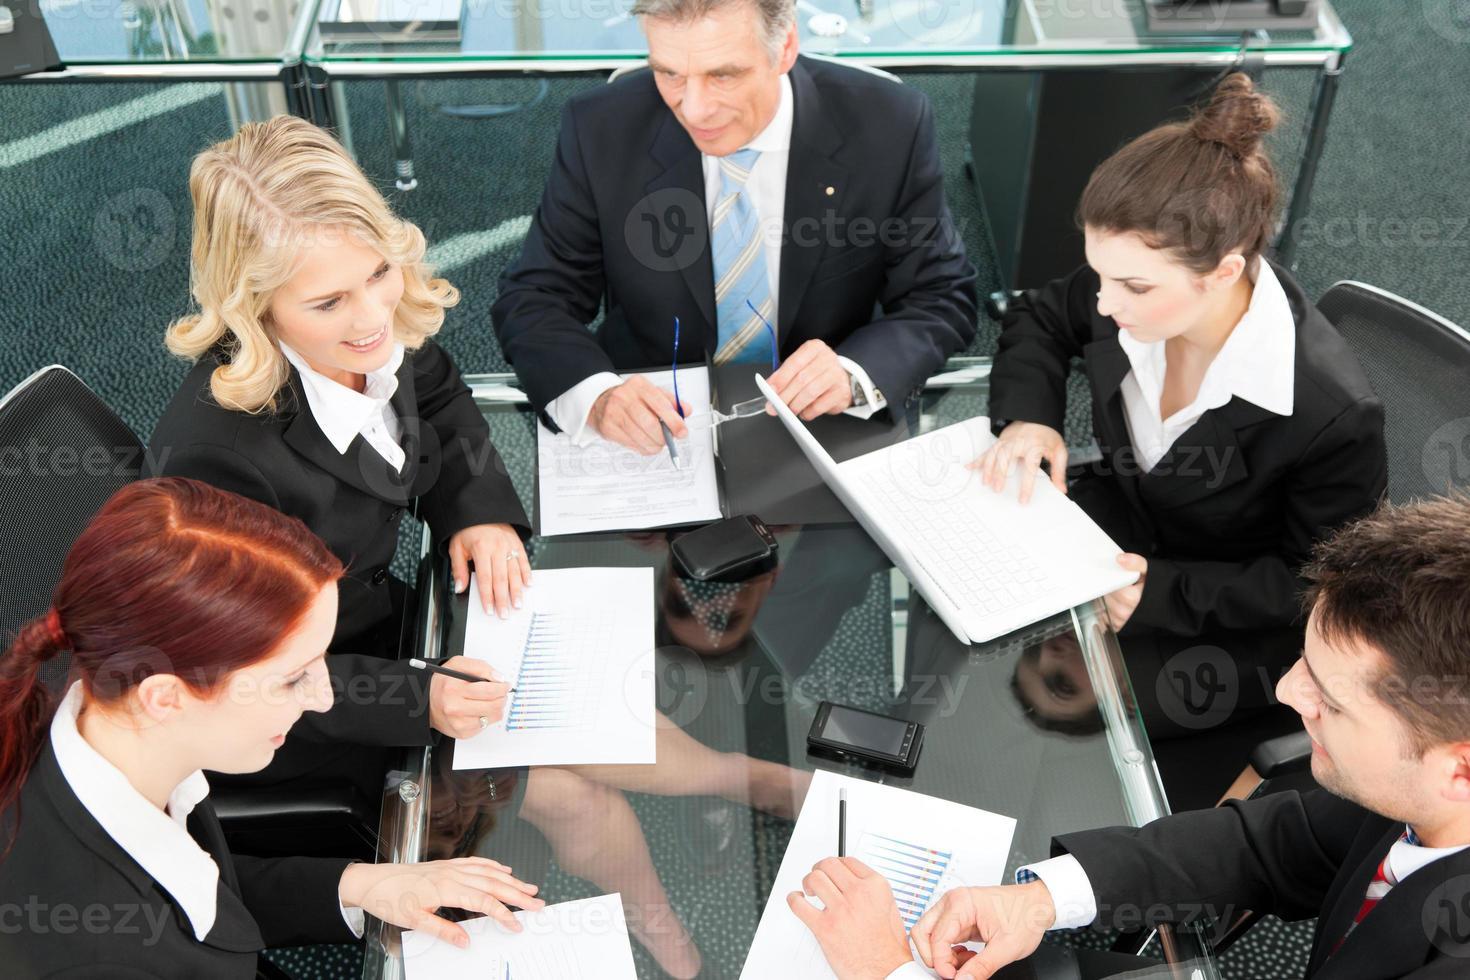 mensen uit het bedrijfsleven - bijeenkomst in een kantoor foto